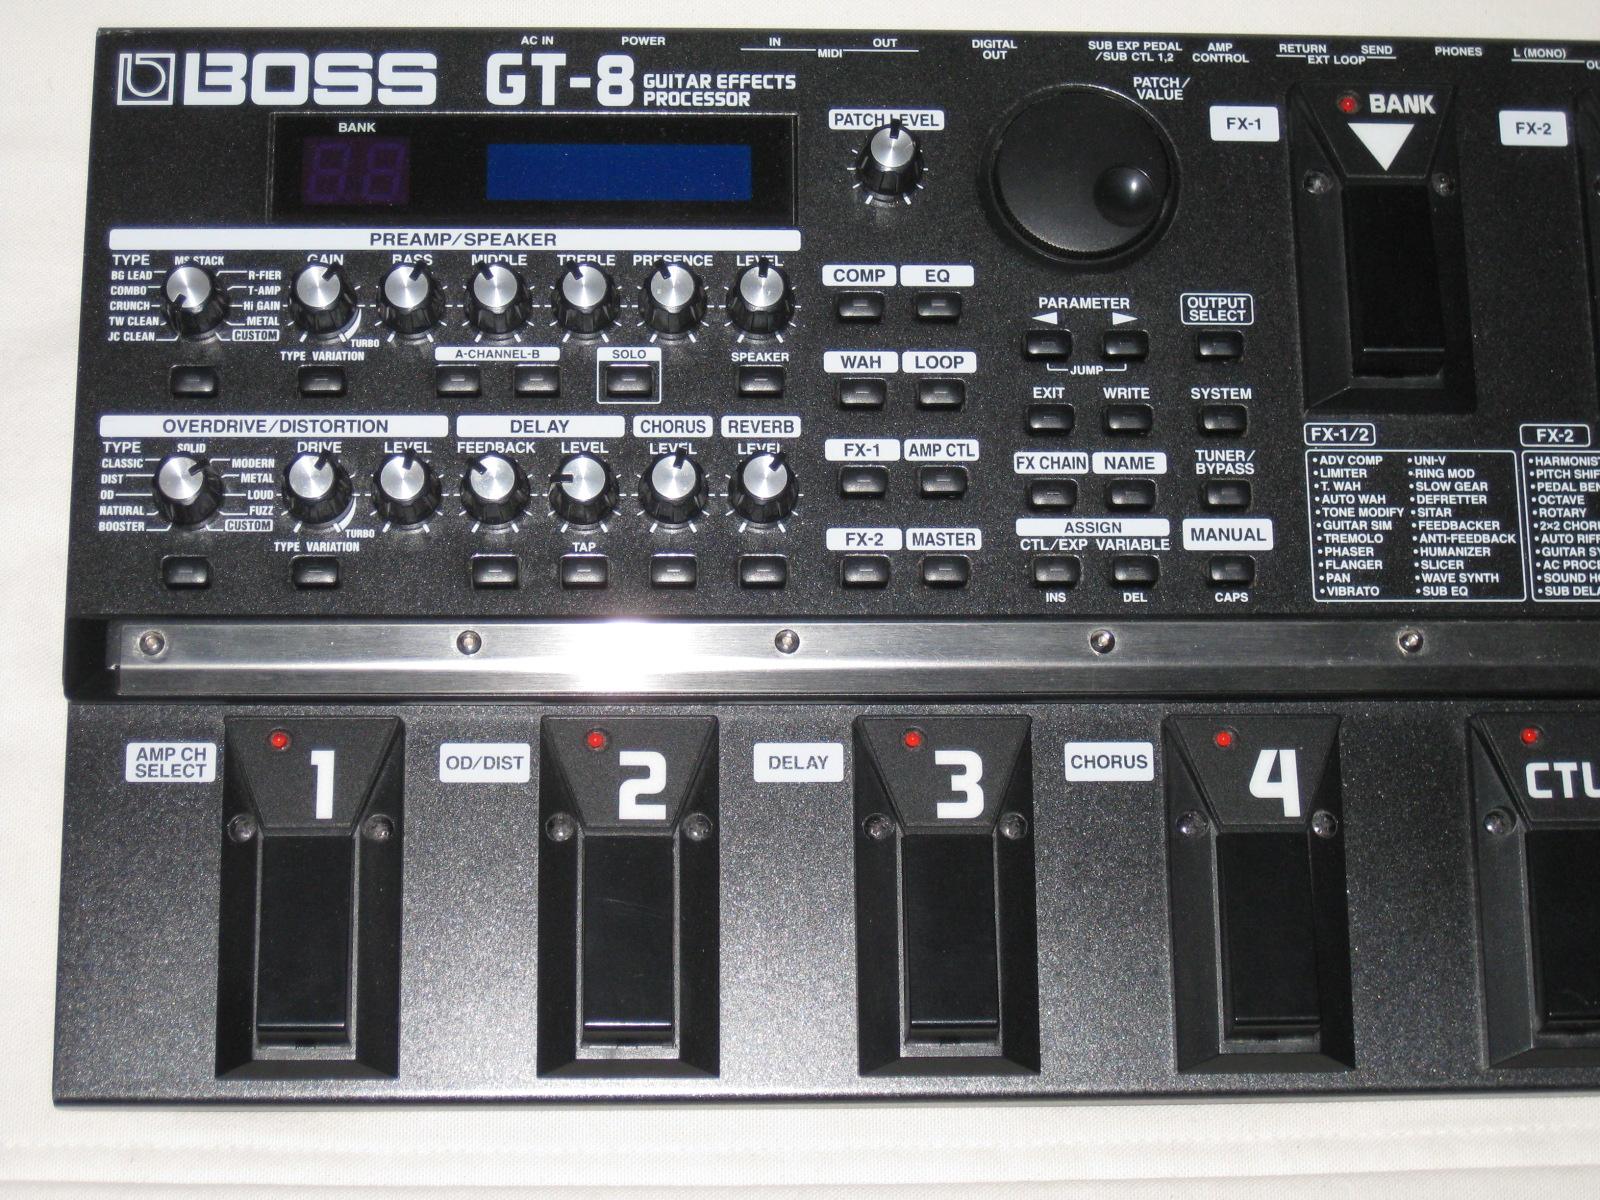 boss gt 8 image 331091 audiofanzine rh en audiofanzine com boss gt 8 manual español boss gt 8 manual español